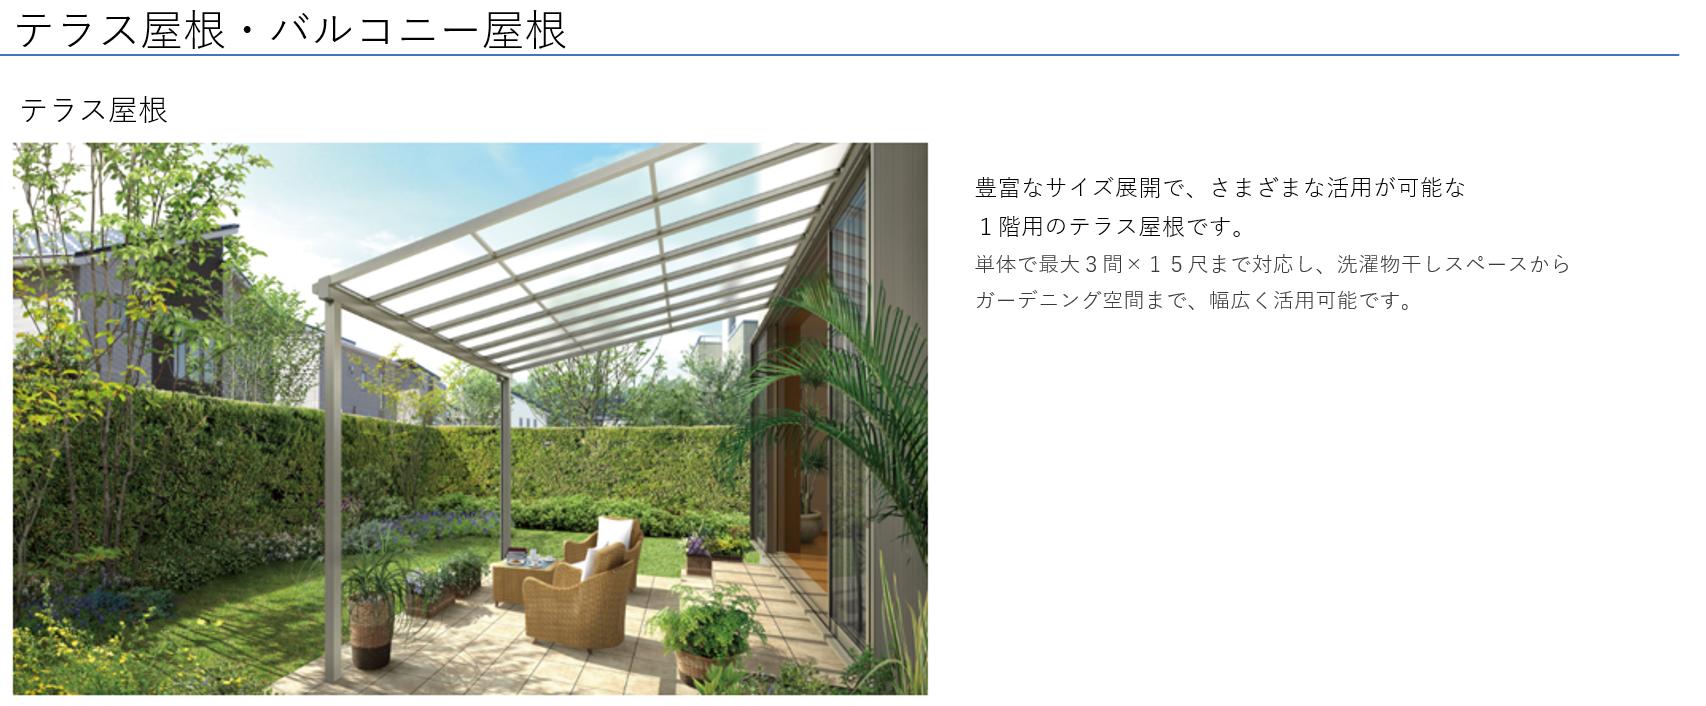 テラス屋根・バルコニー屋根 豊富なサイズ展開で、さまざまな活用が可能な1階用テラス屋根です。単体で最大3間×15尺まで対応し、洗濯物干しスペースからガーデニング空間まで、幅広く活用可能です。